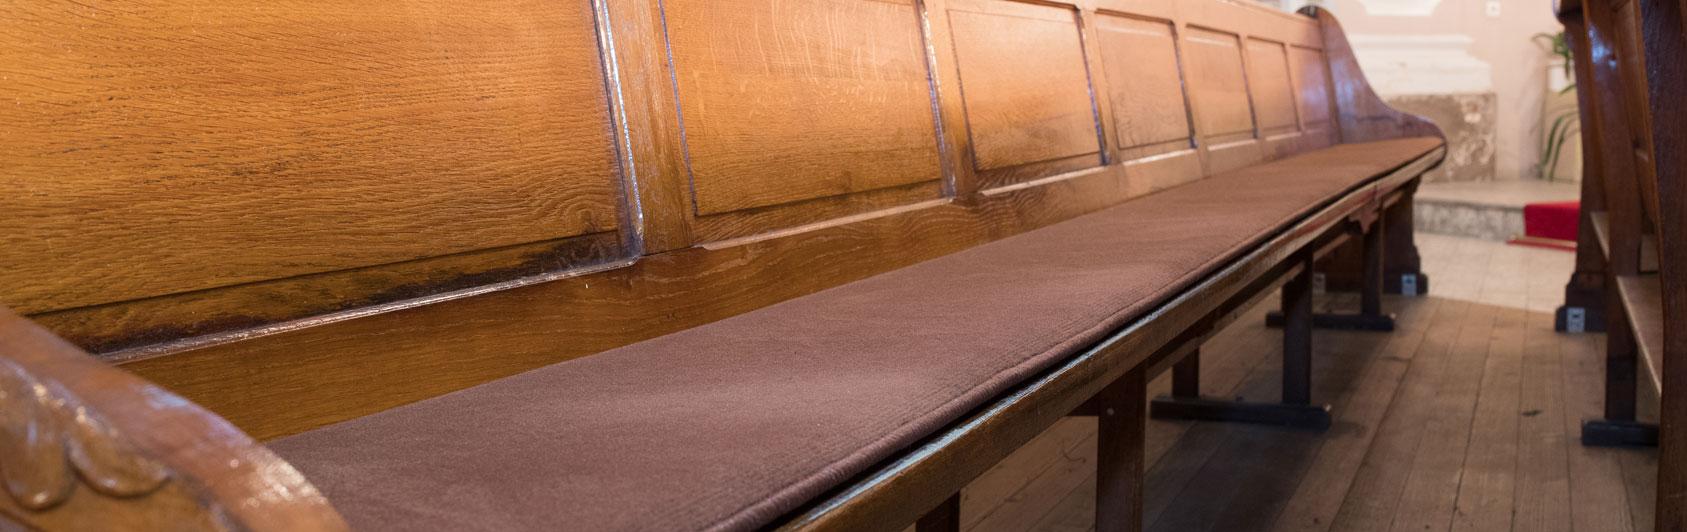 banc d'église coussin Sitzplush code couleur 127 couleur brun rougeâtre Creutzwald